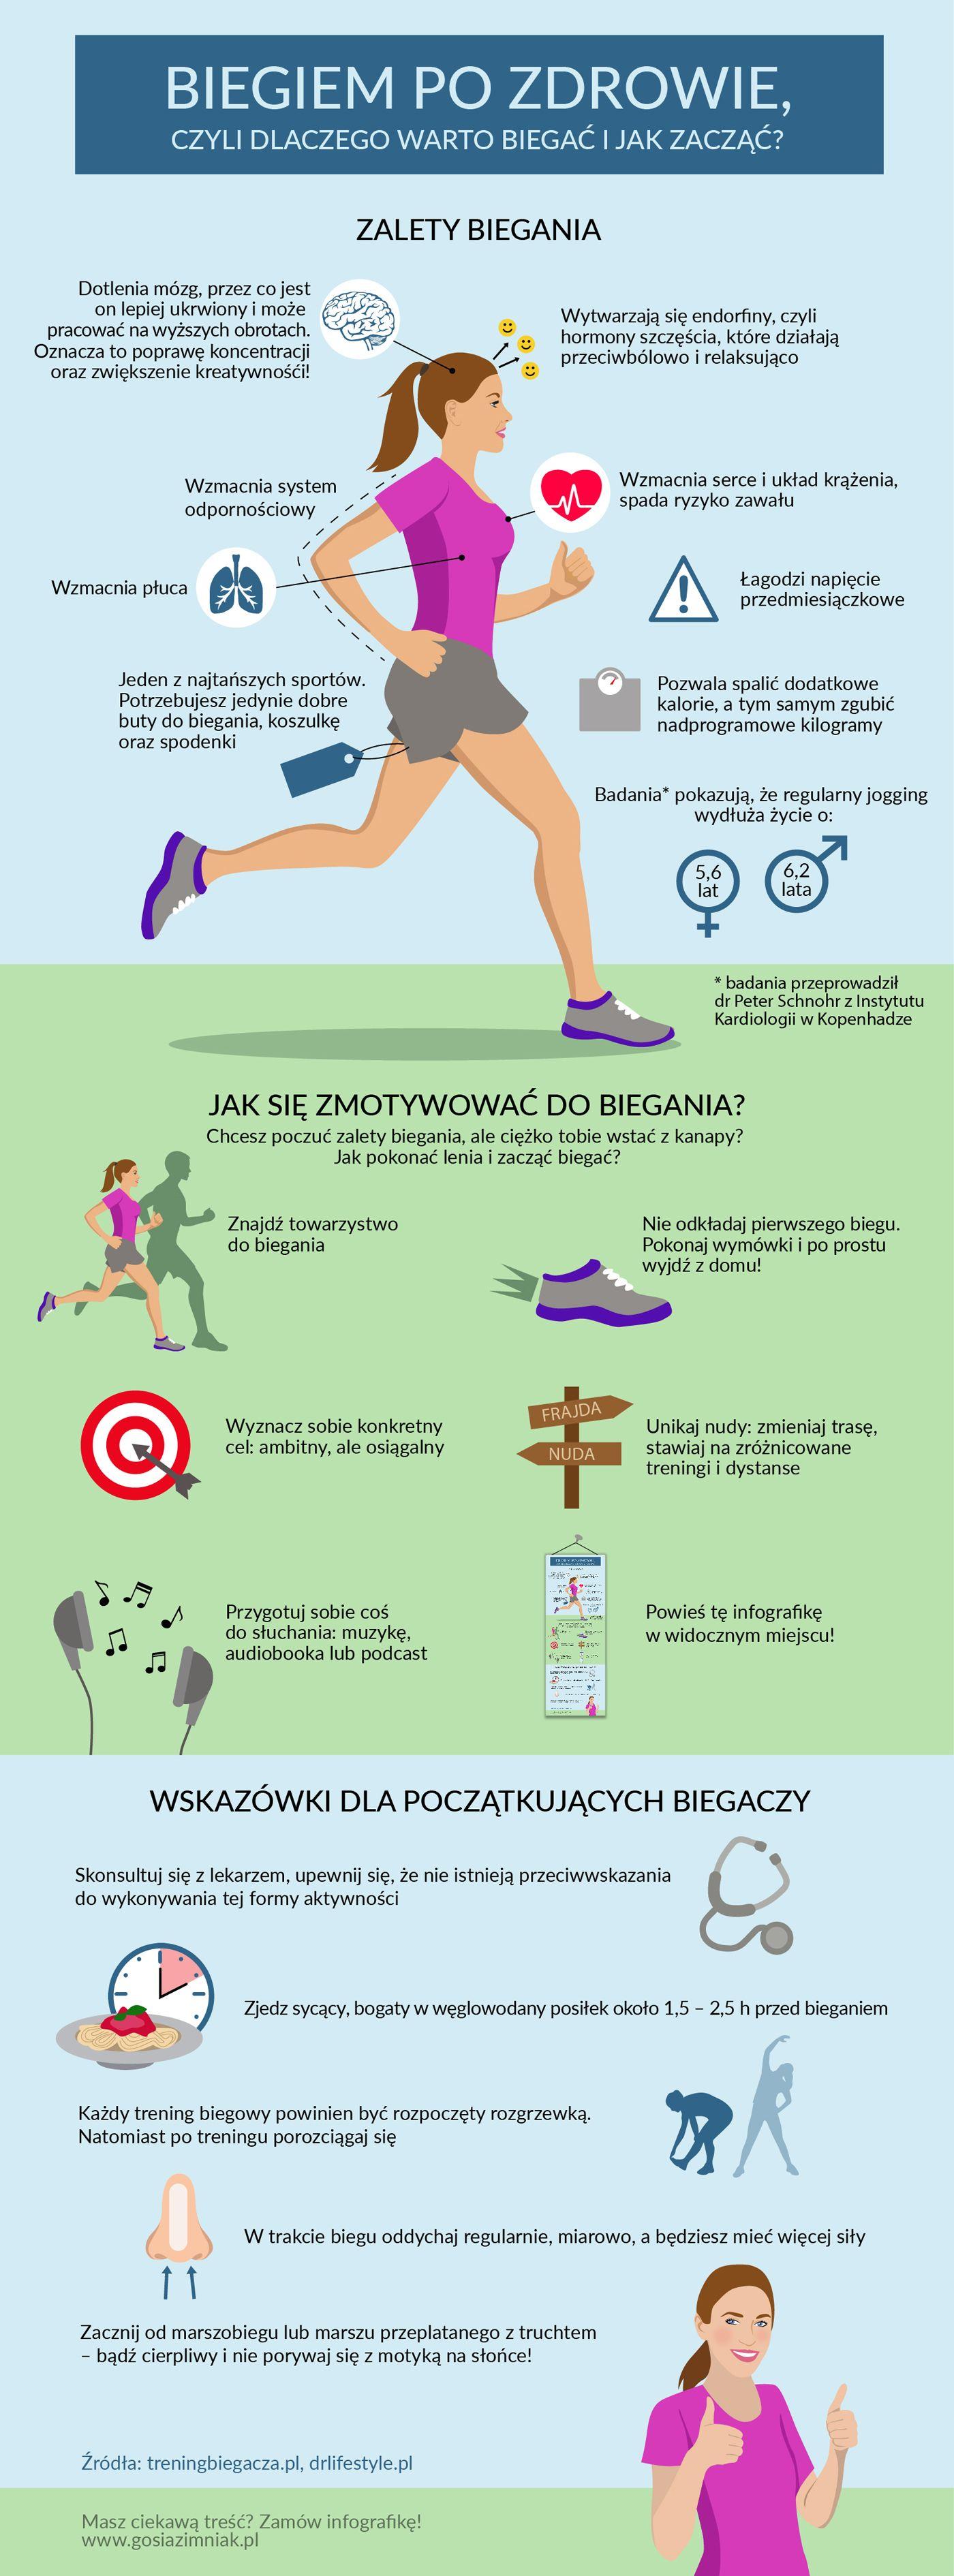 Zalety Biegania Sprawdz Dlaczego Warto Biegac I Jak Sie Do Tego Zmotywowac Dodatkowo Kilka Wskazowek Dla Poczatkujacyc Health Fitness Fun Workouts Exercise